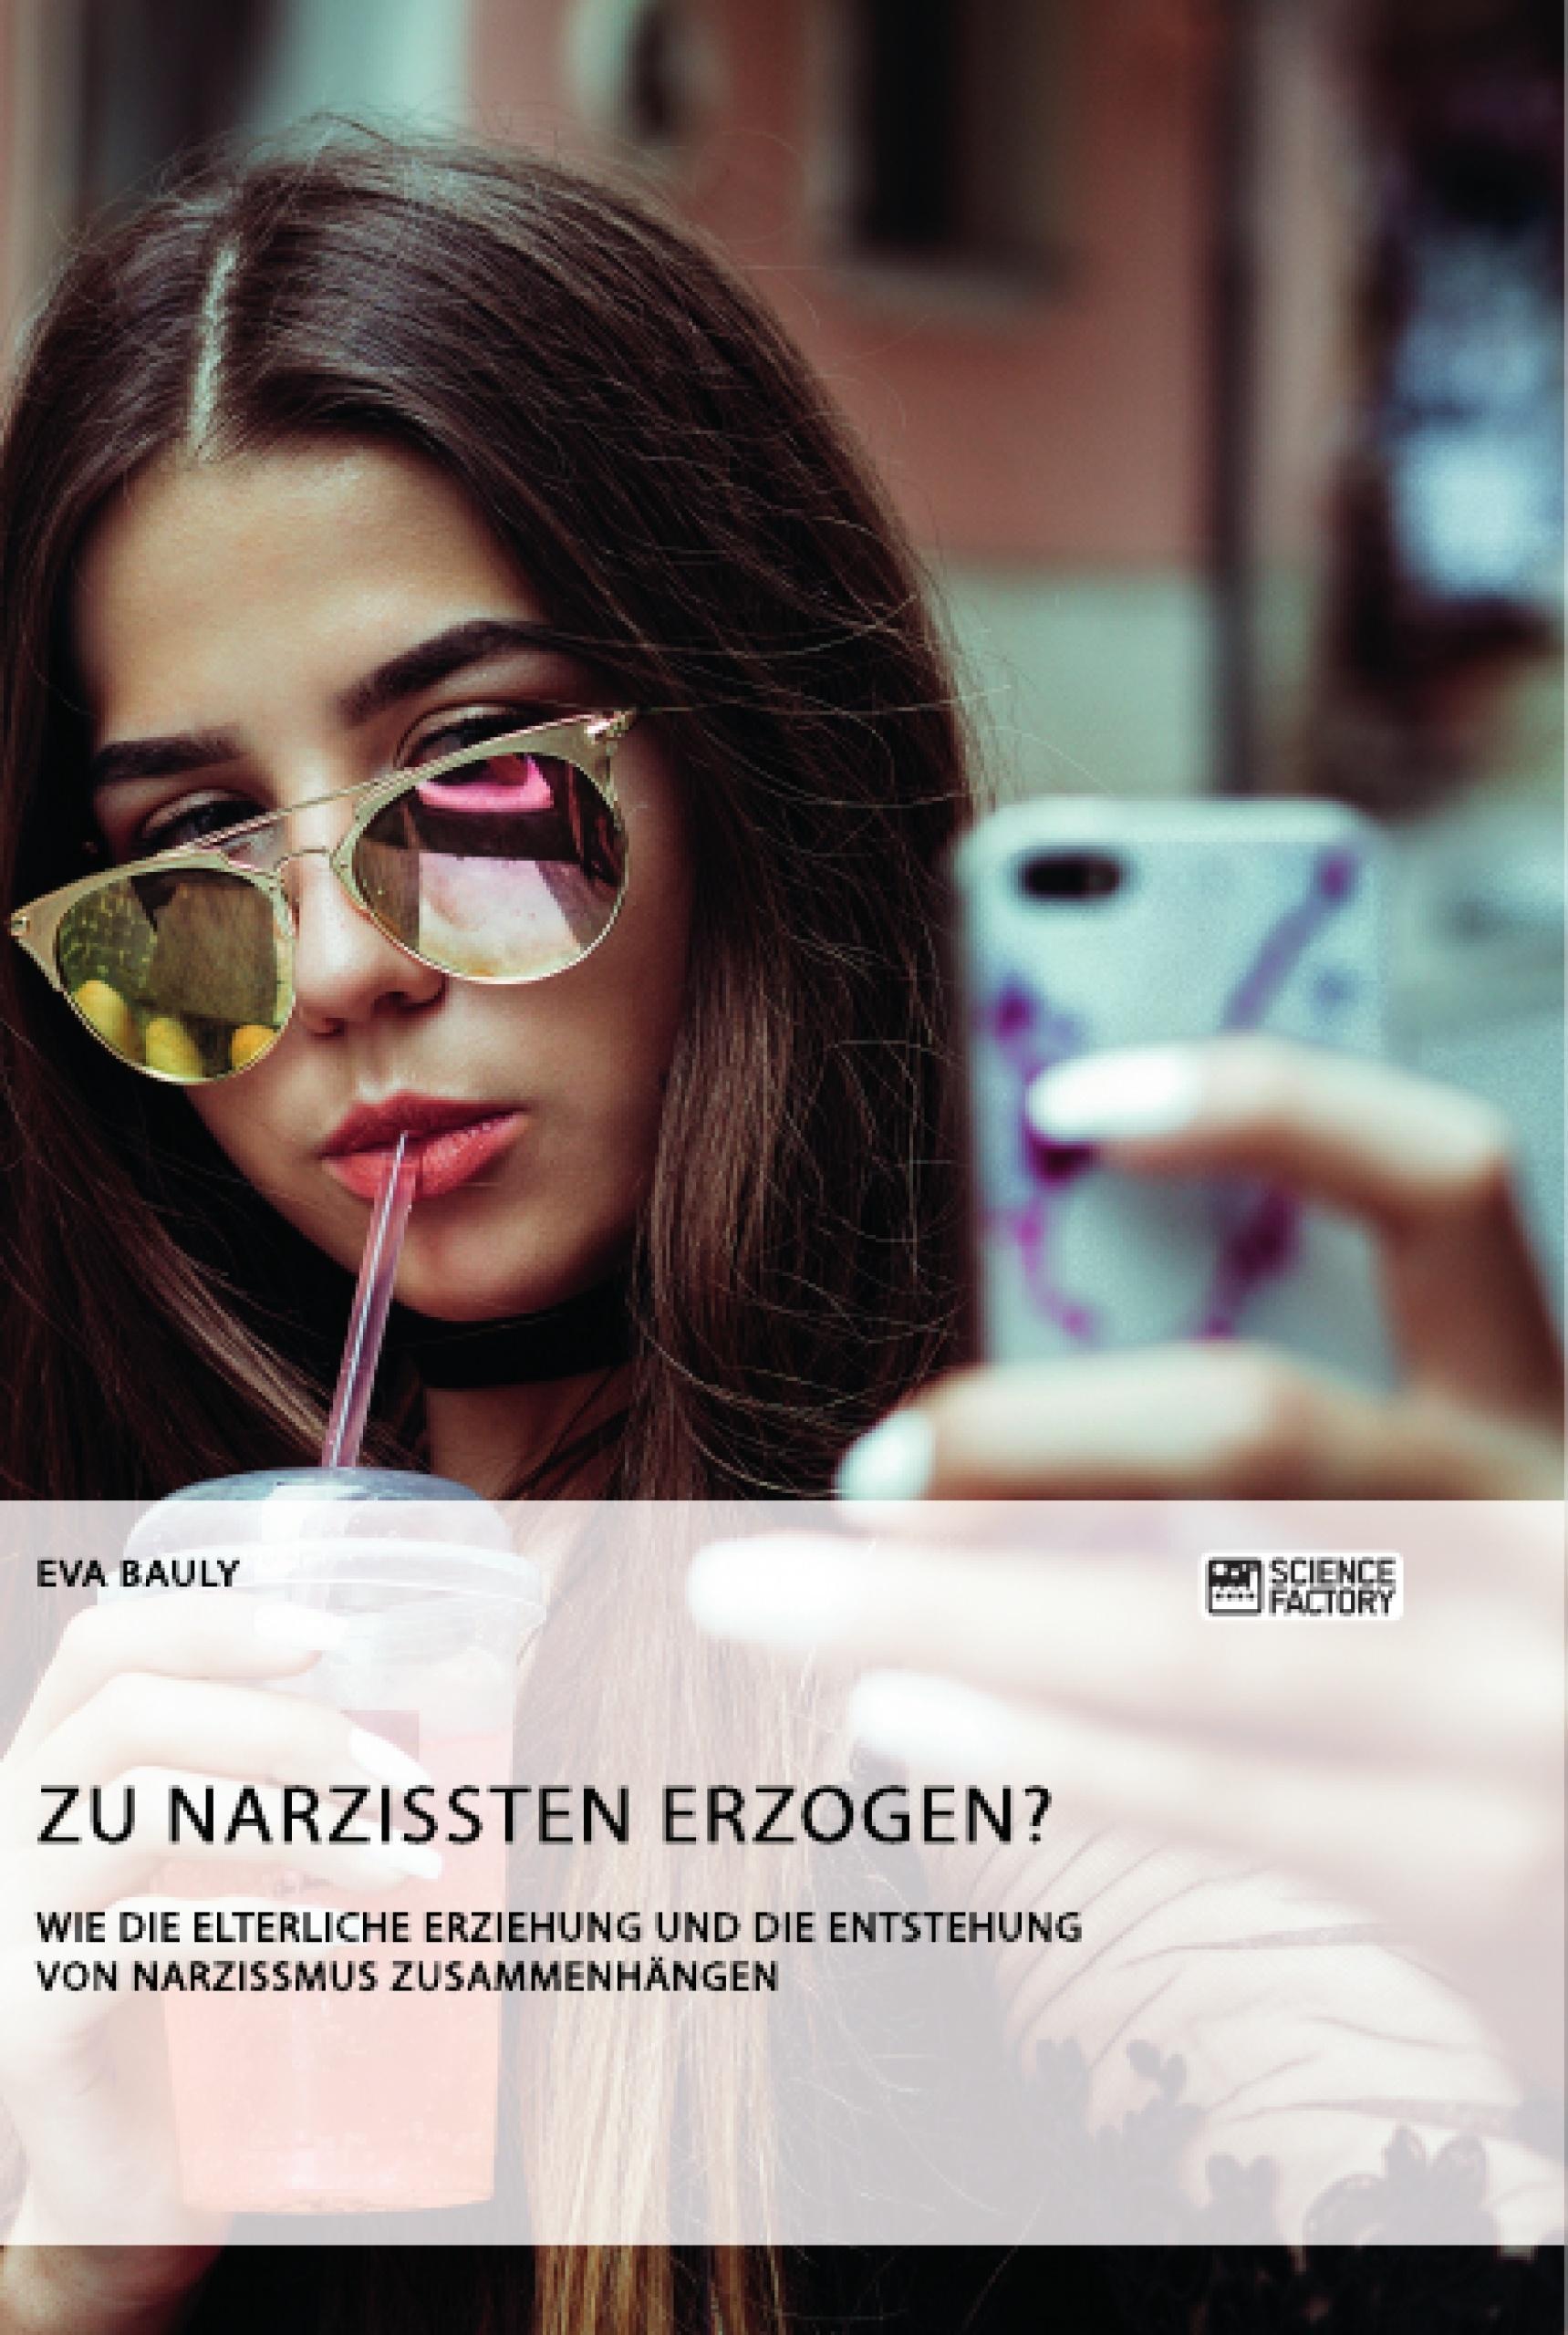 Titel: Zu Narzissten erzogen? Wie die elterliche Erziehung und die Entstehung von Narzissmus zusammenhängen